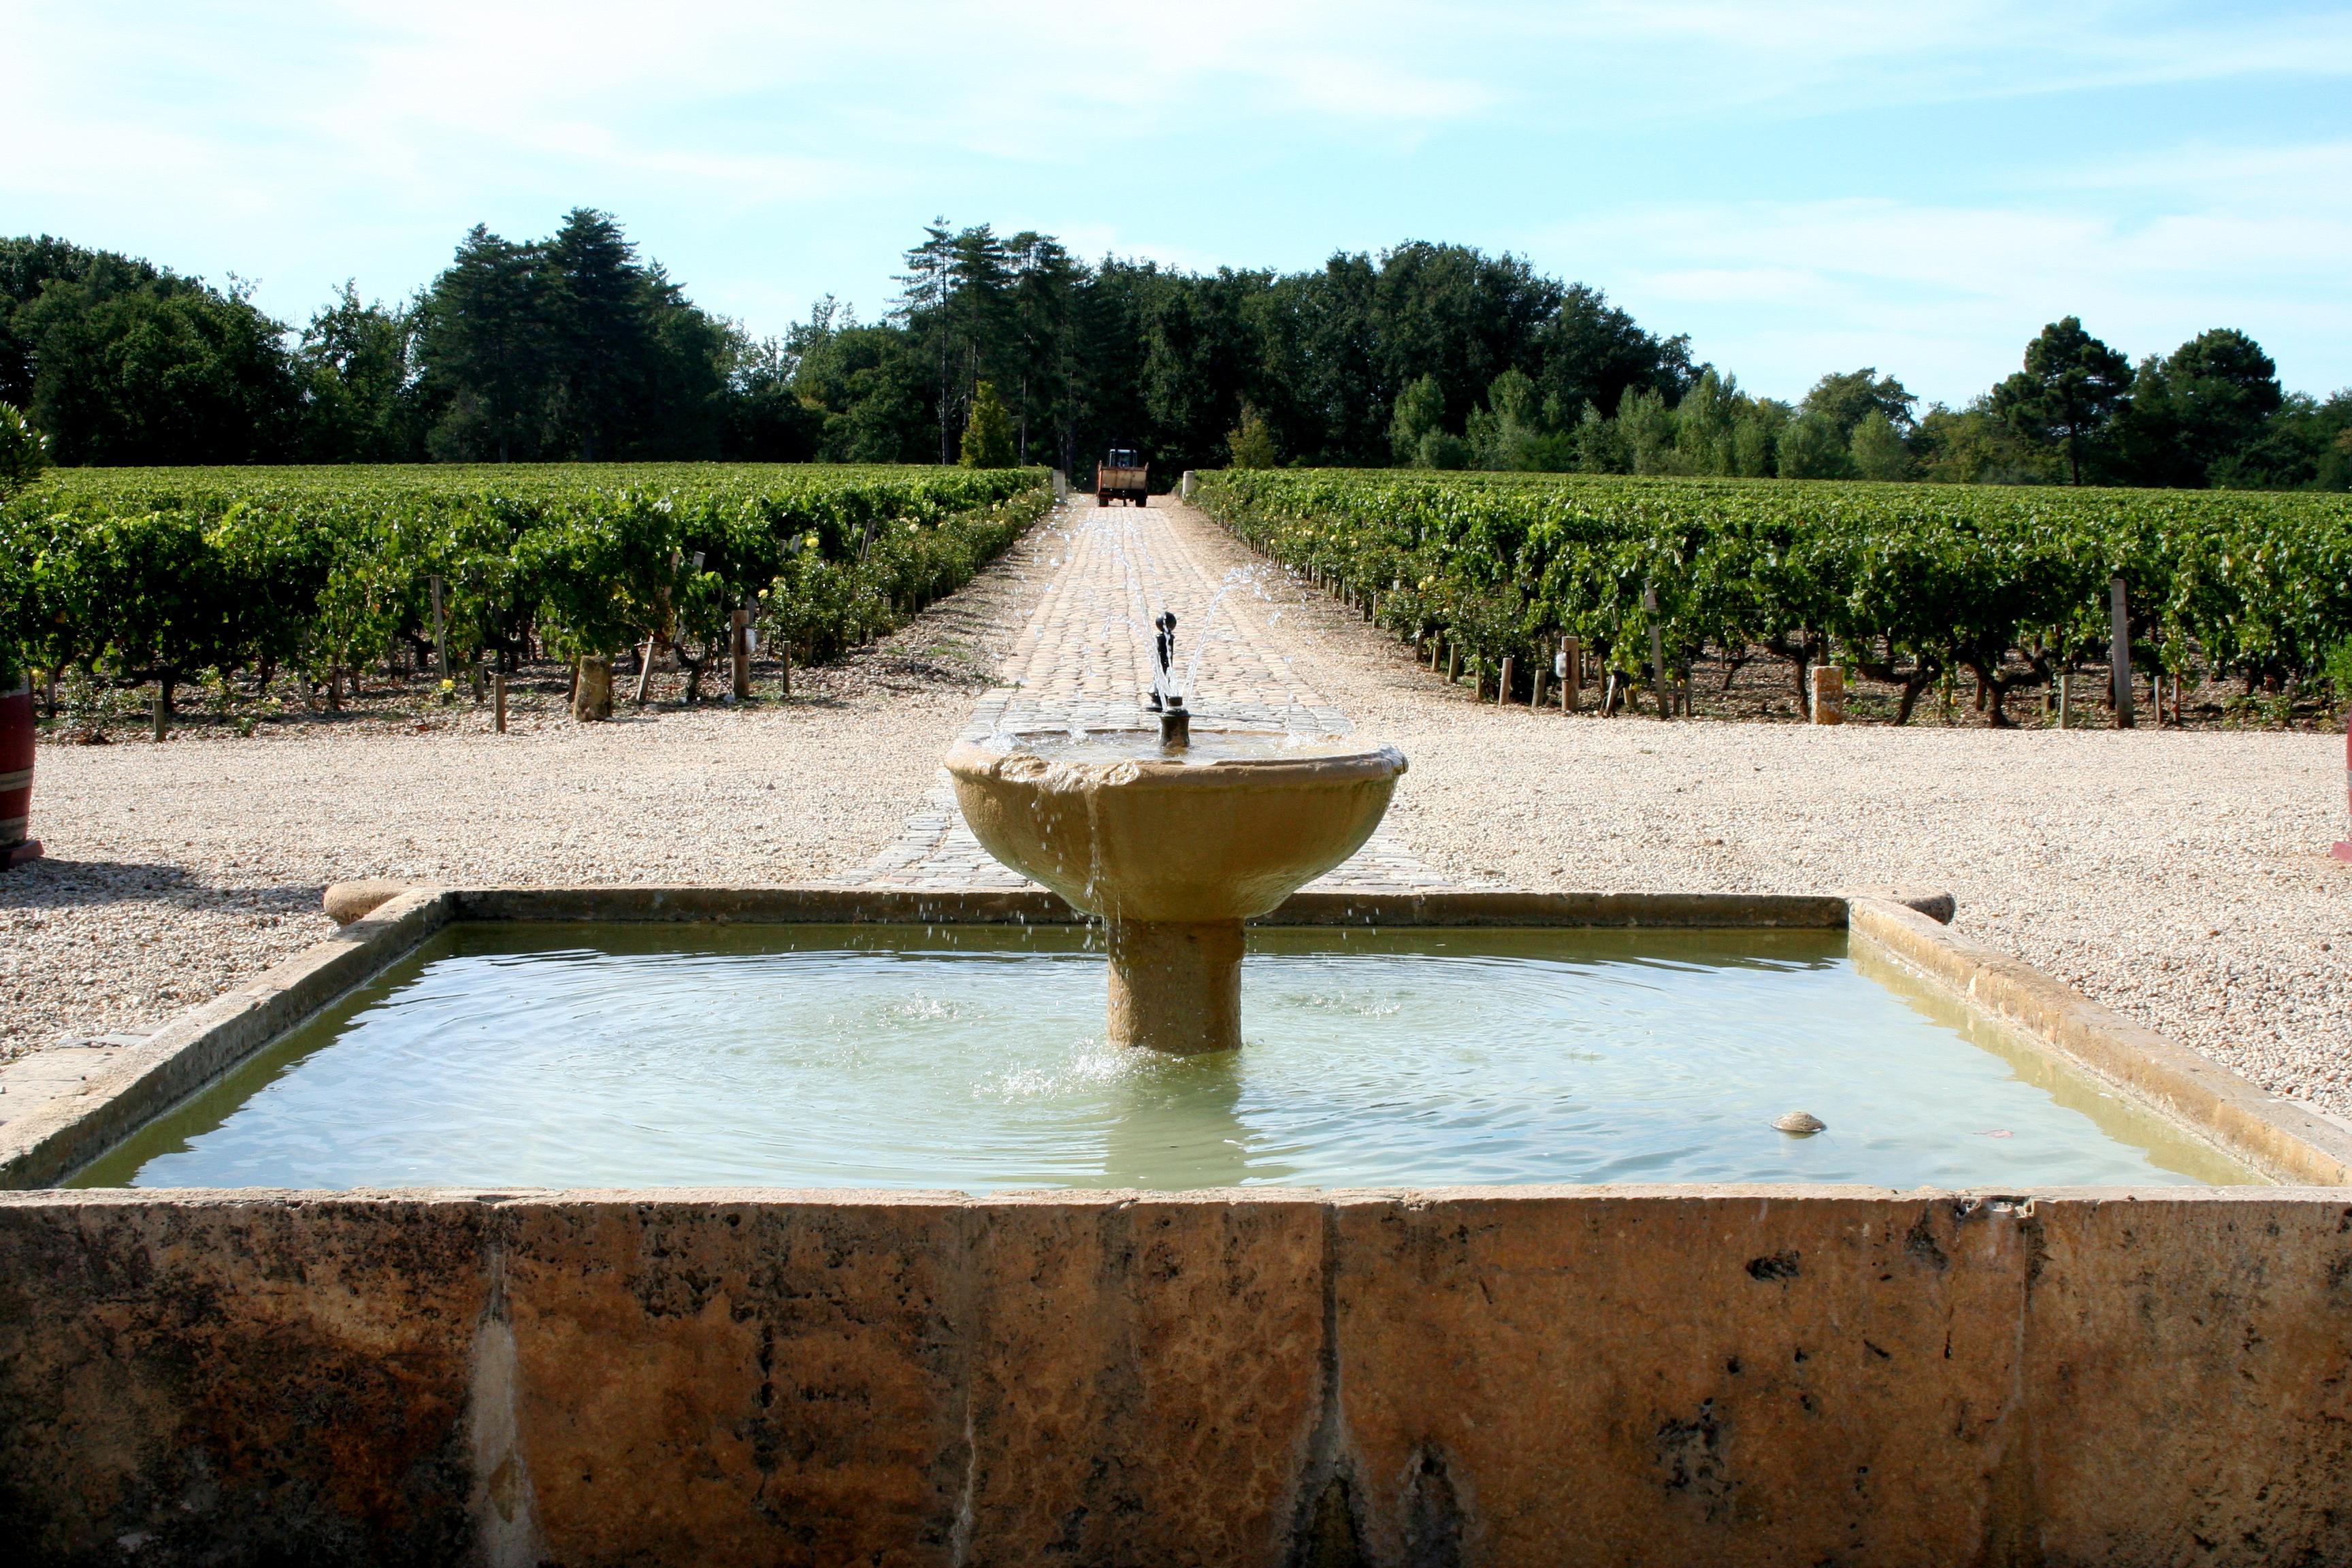 bordeaux vineyard near paris